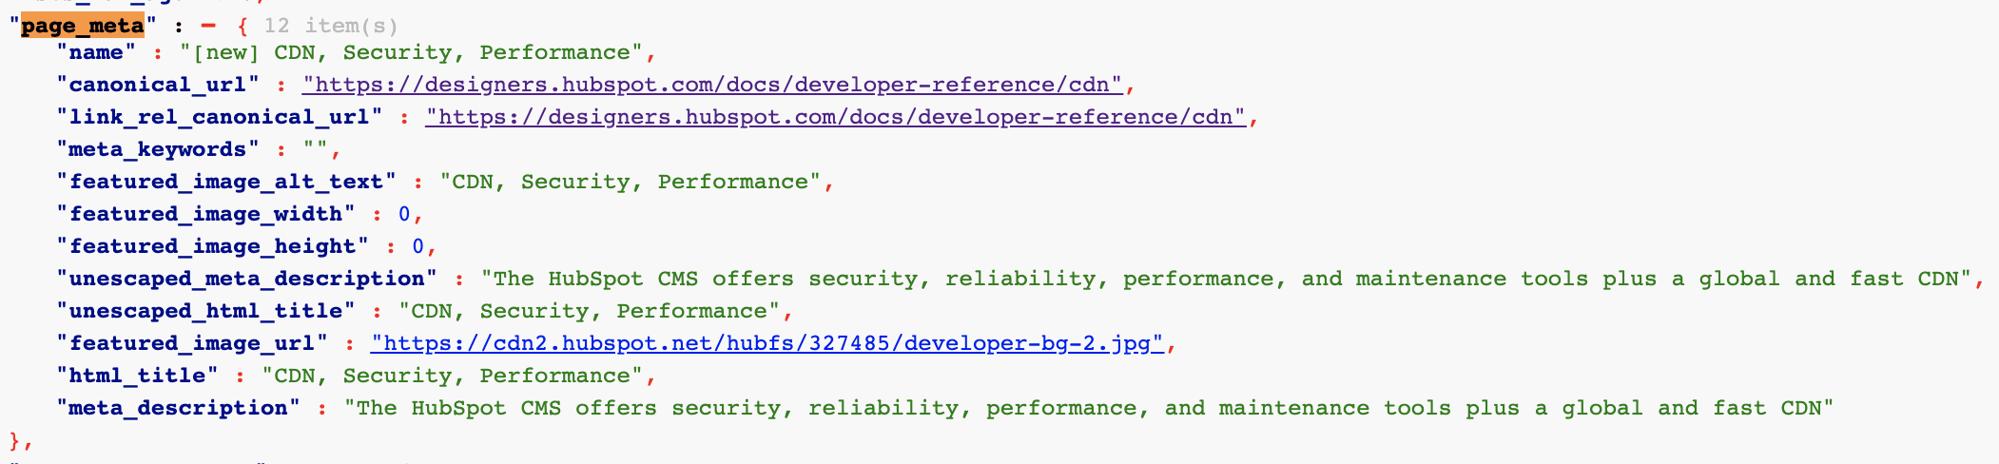 Developer info example